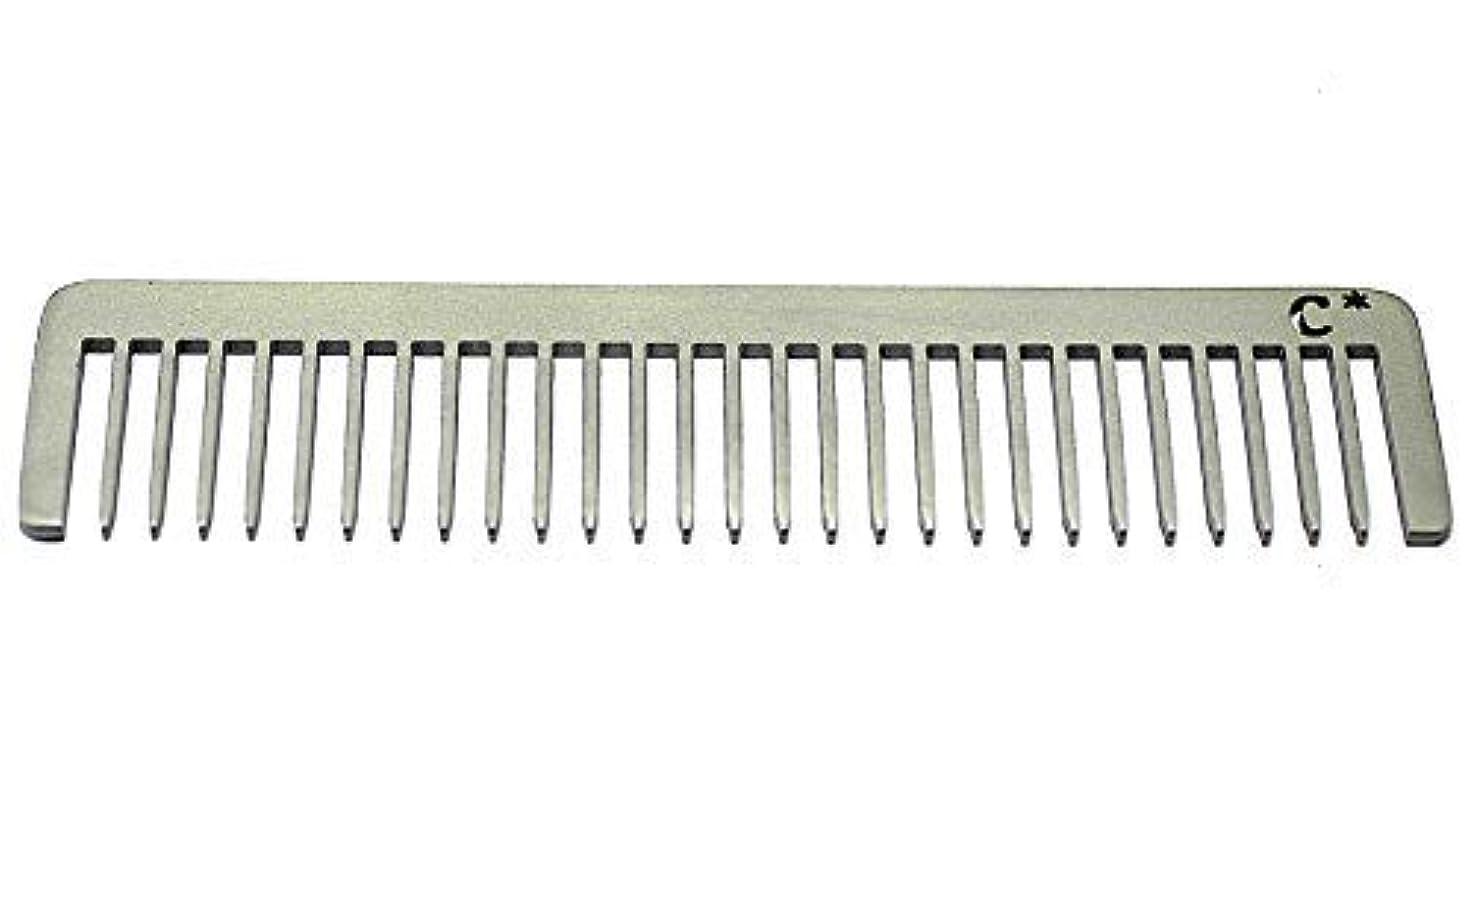 ラリーベルモント警告する入るChicago Comb Long Model 5 Standard, Made in USA, Stainless Steel, Wide Tooth, Rake Comb, Anti-Static, Ultra-Smooth...